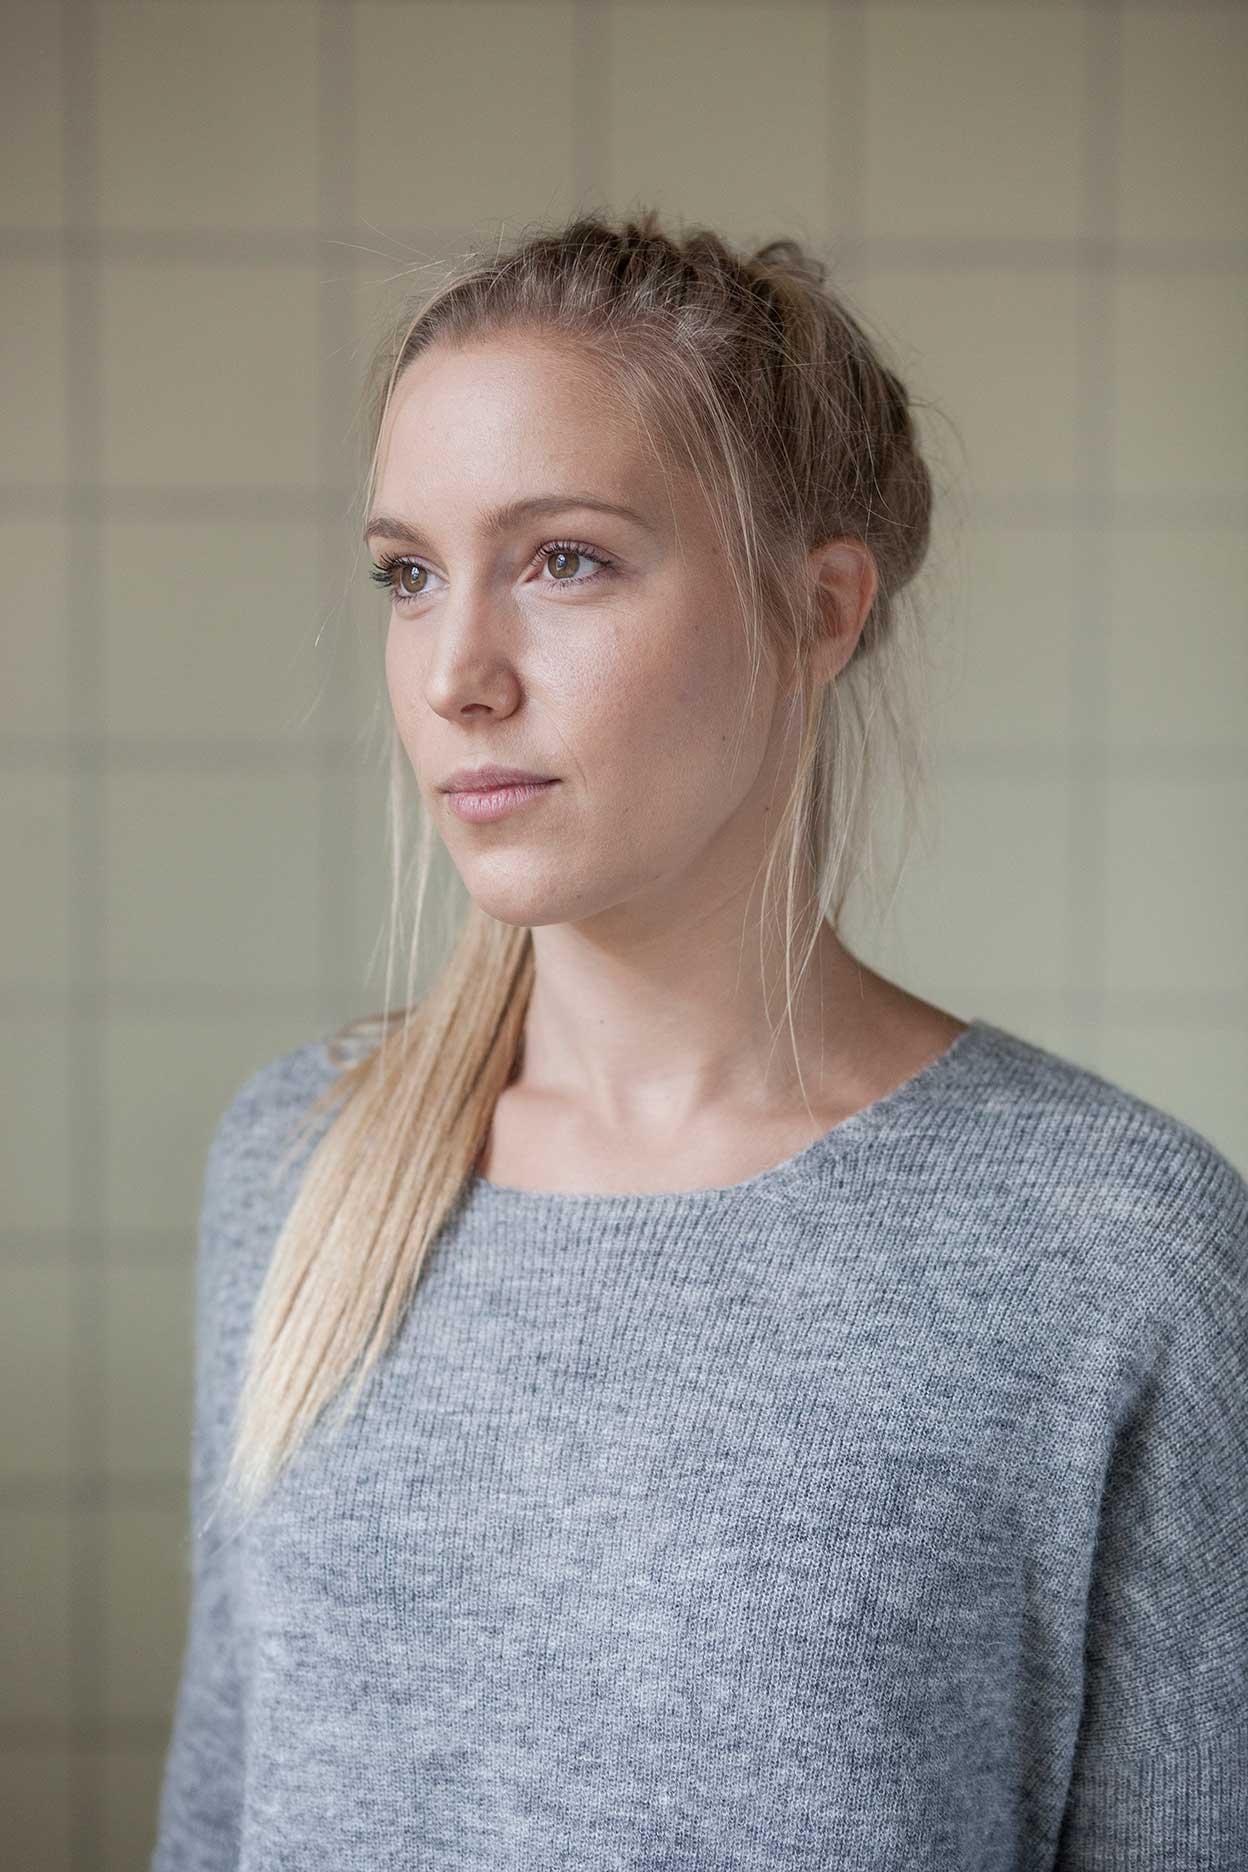 Mia Cortes   Ansvarlig for social profil  Konfliktvejleder  Cand.mag. i Engelsk, Komparative Kulturstudier og Minoritetsstudier   mia@hoert.dk